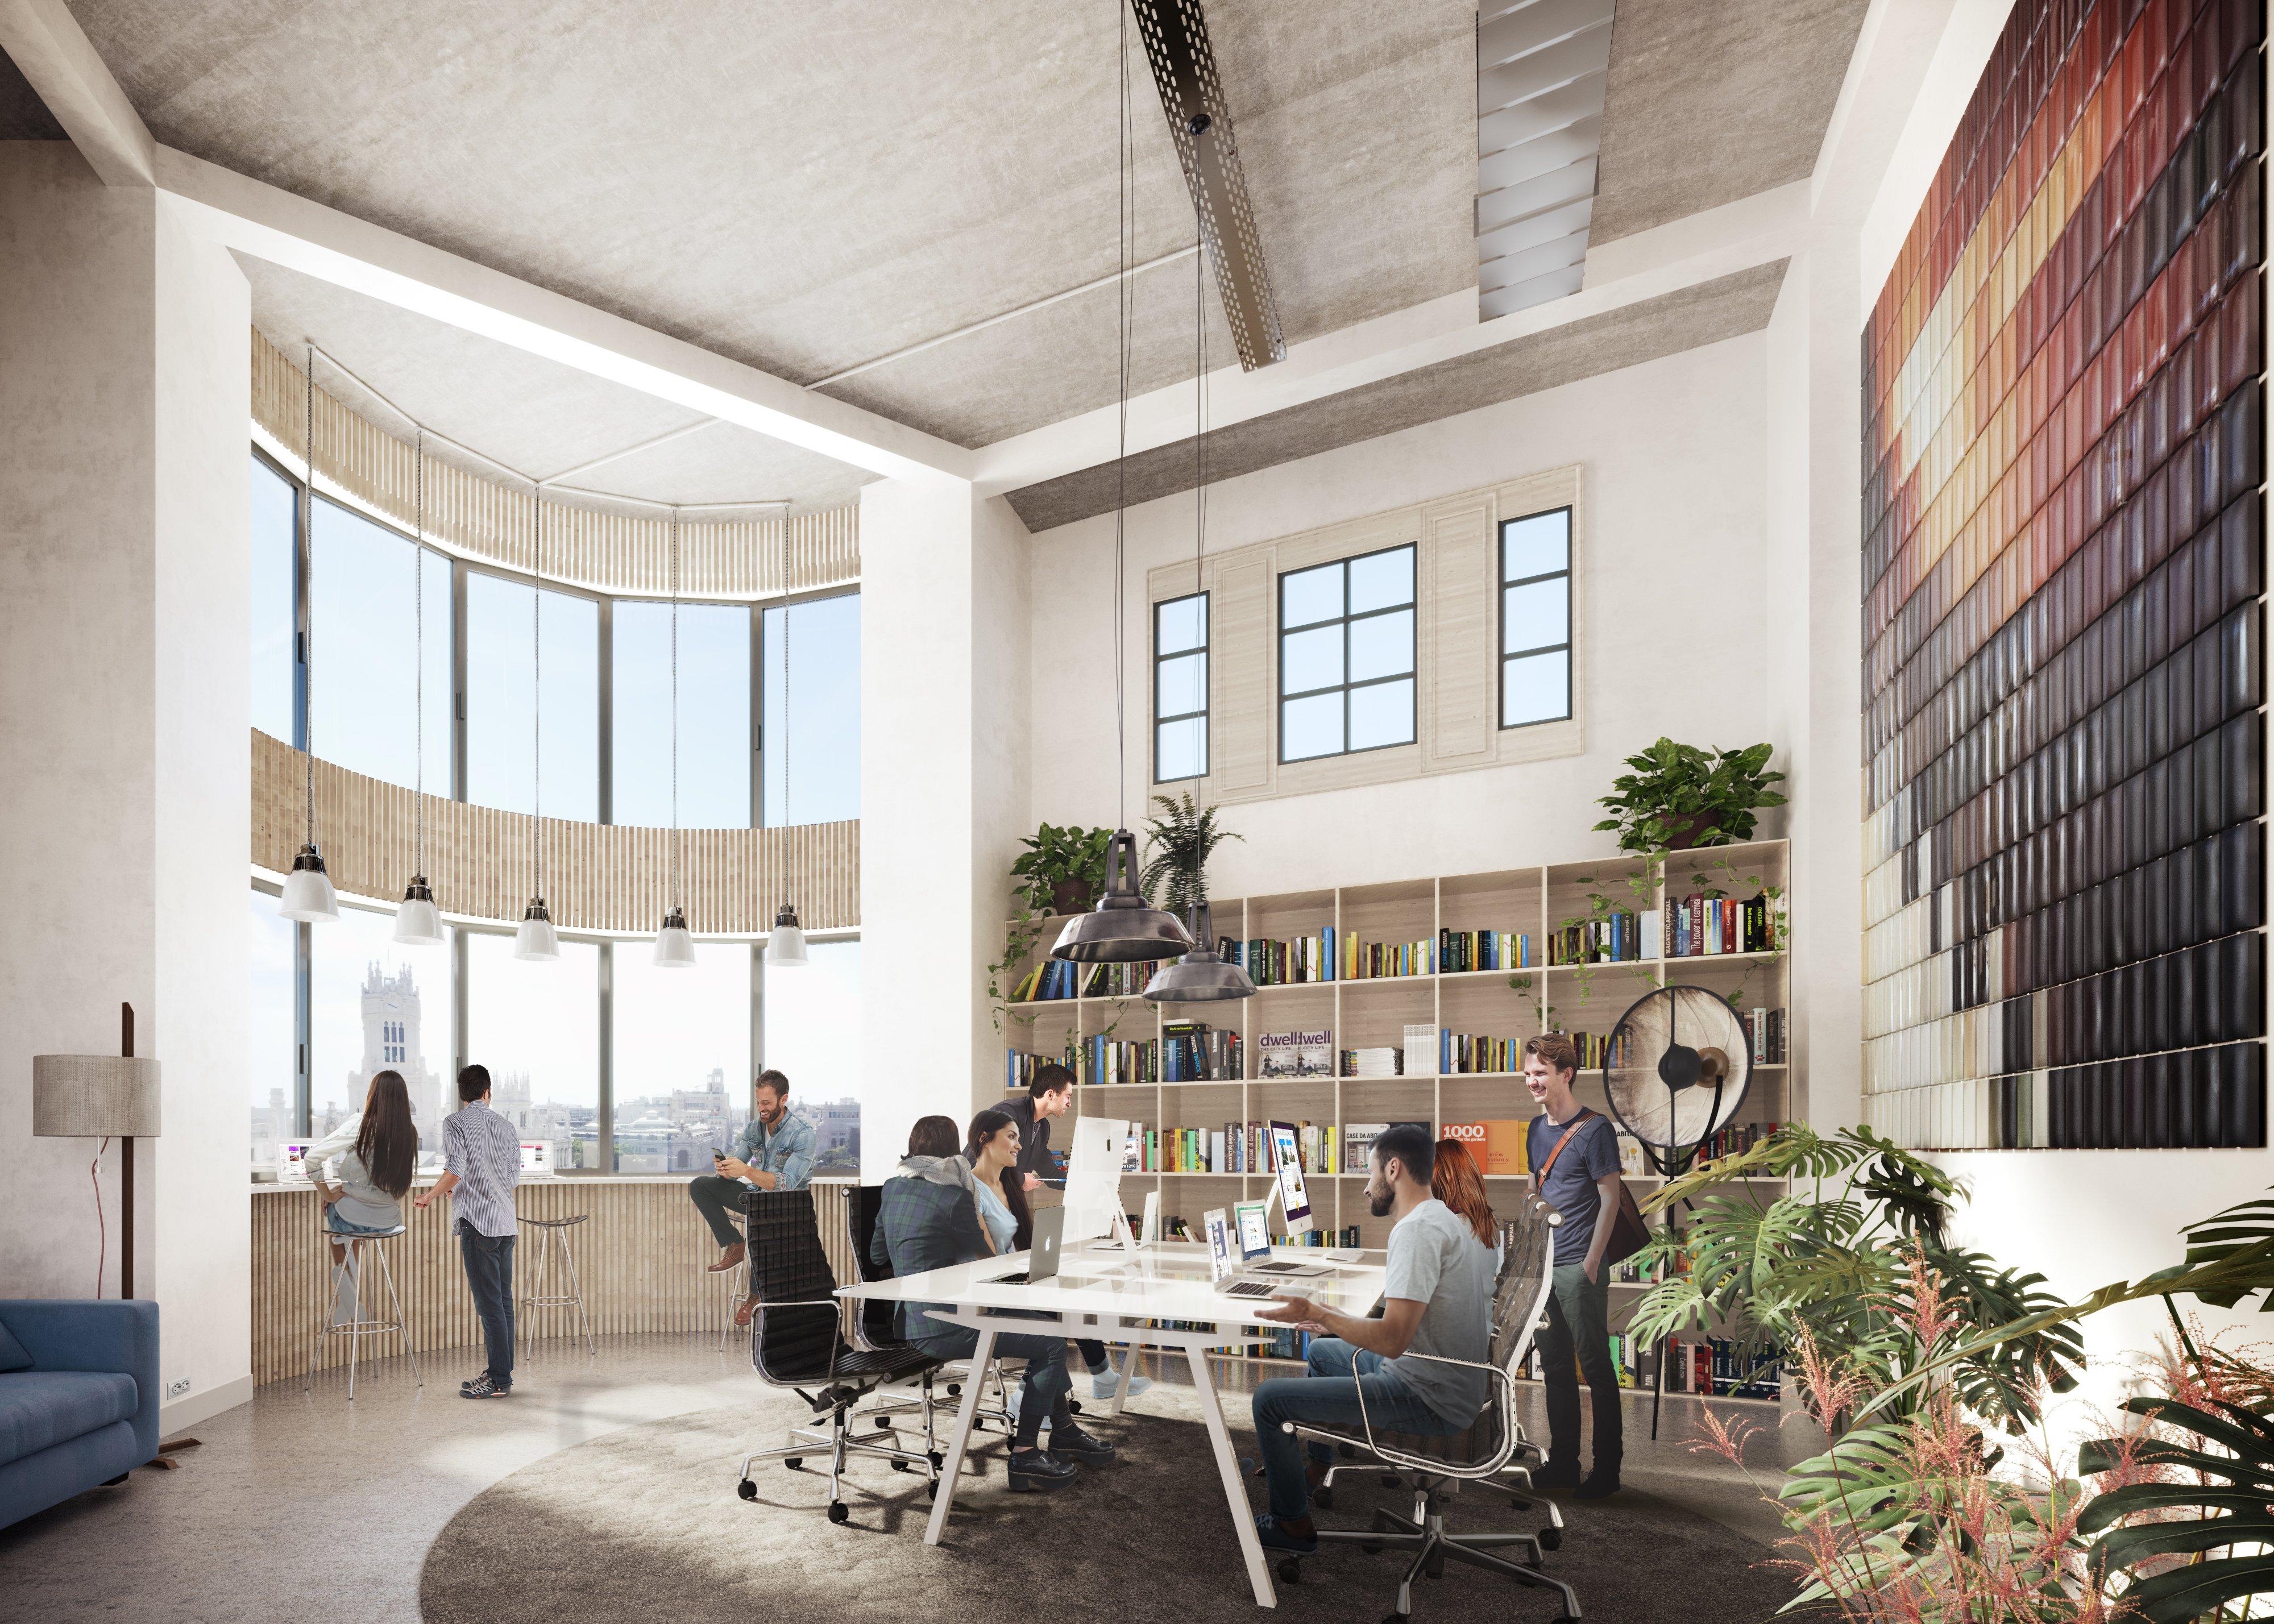 Cloudworks Cibeles indaga en la idea del puesto de trabajo no como un espacio rígido, sino como un conjunto de posibilidades entre las que elegir el mejor lugar para trabajar a lo largo del día.